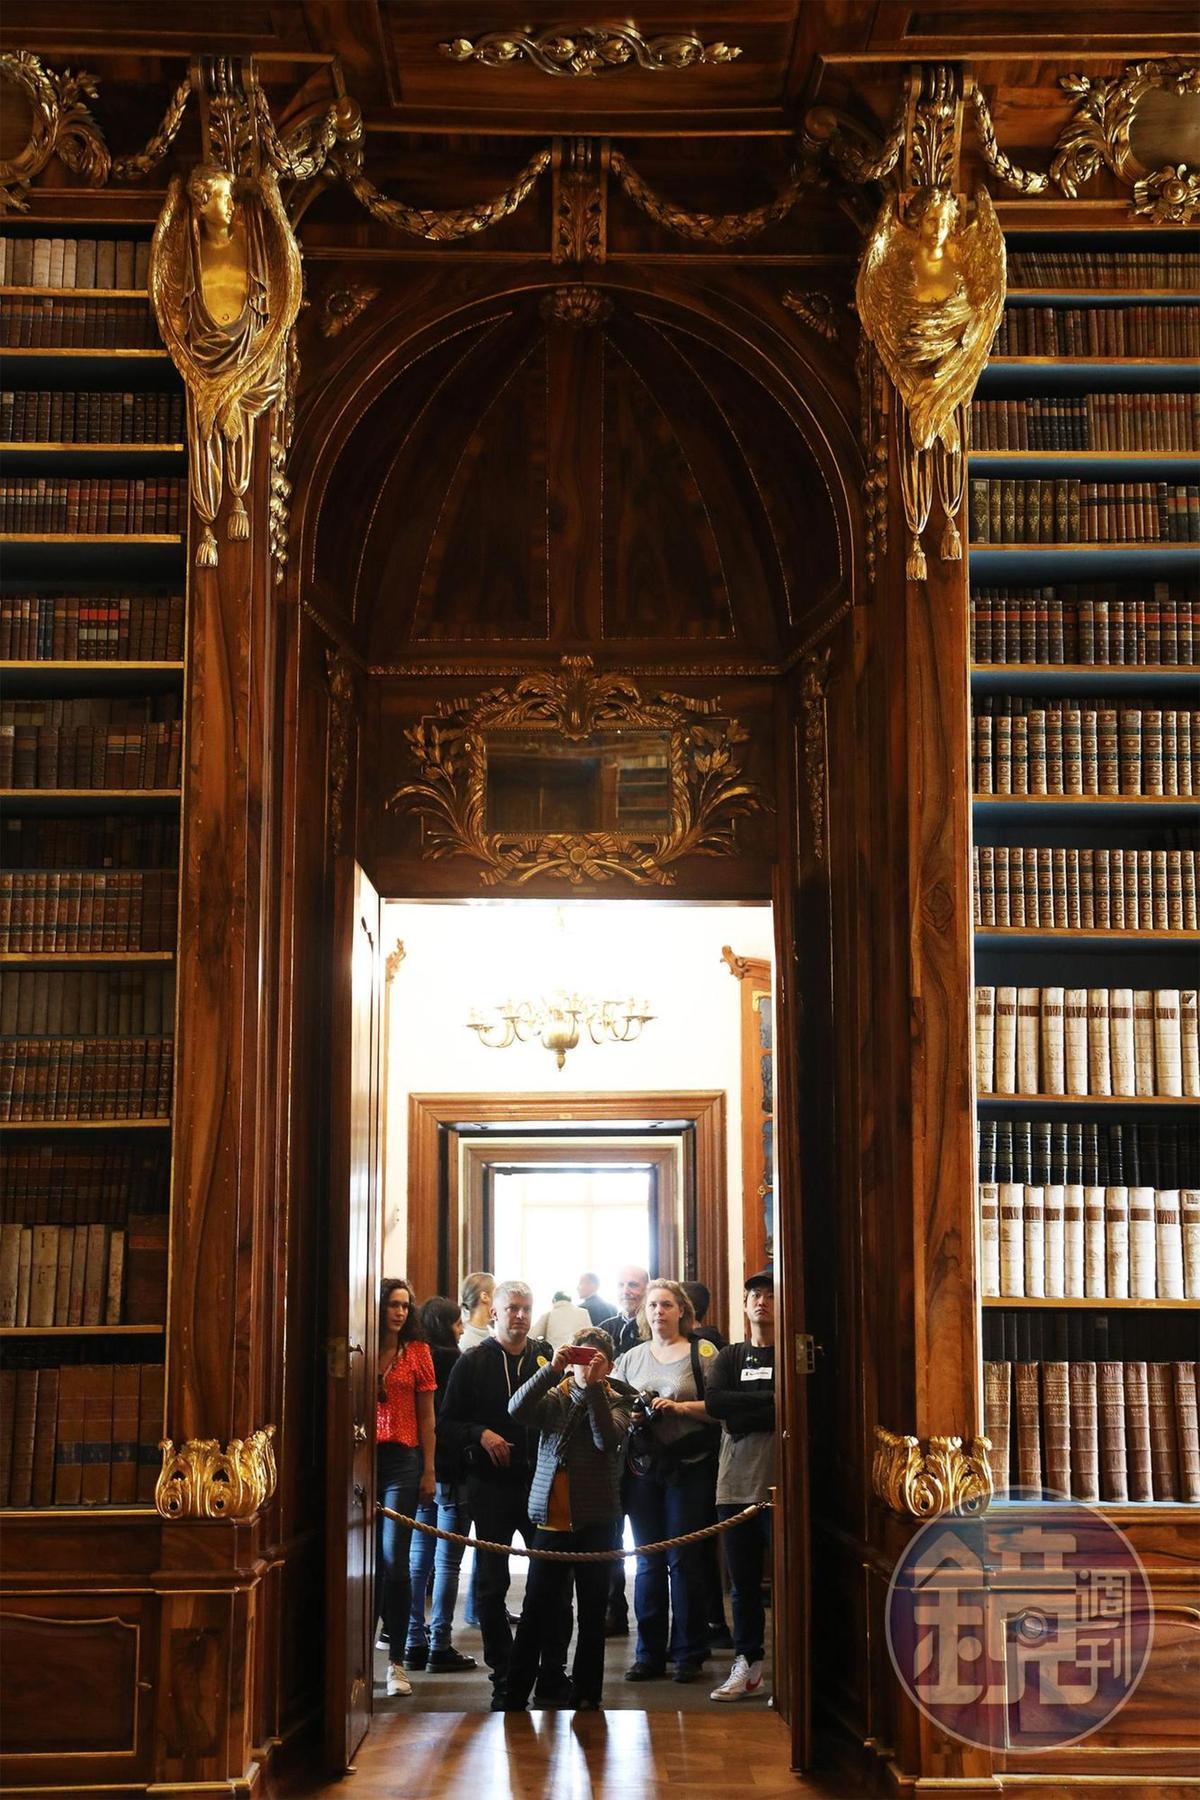 一般遊客僅能在紅龍外欣賞圖書館內的精緻陳設。